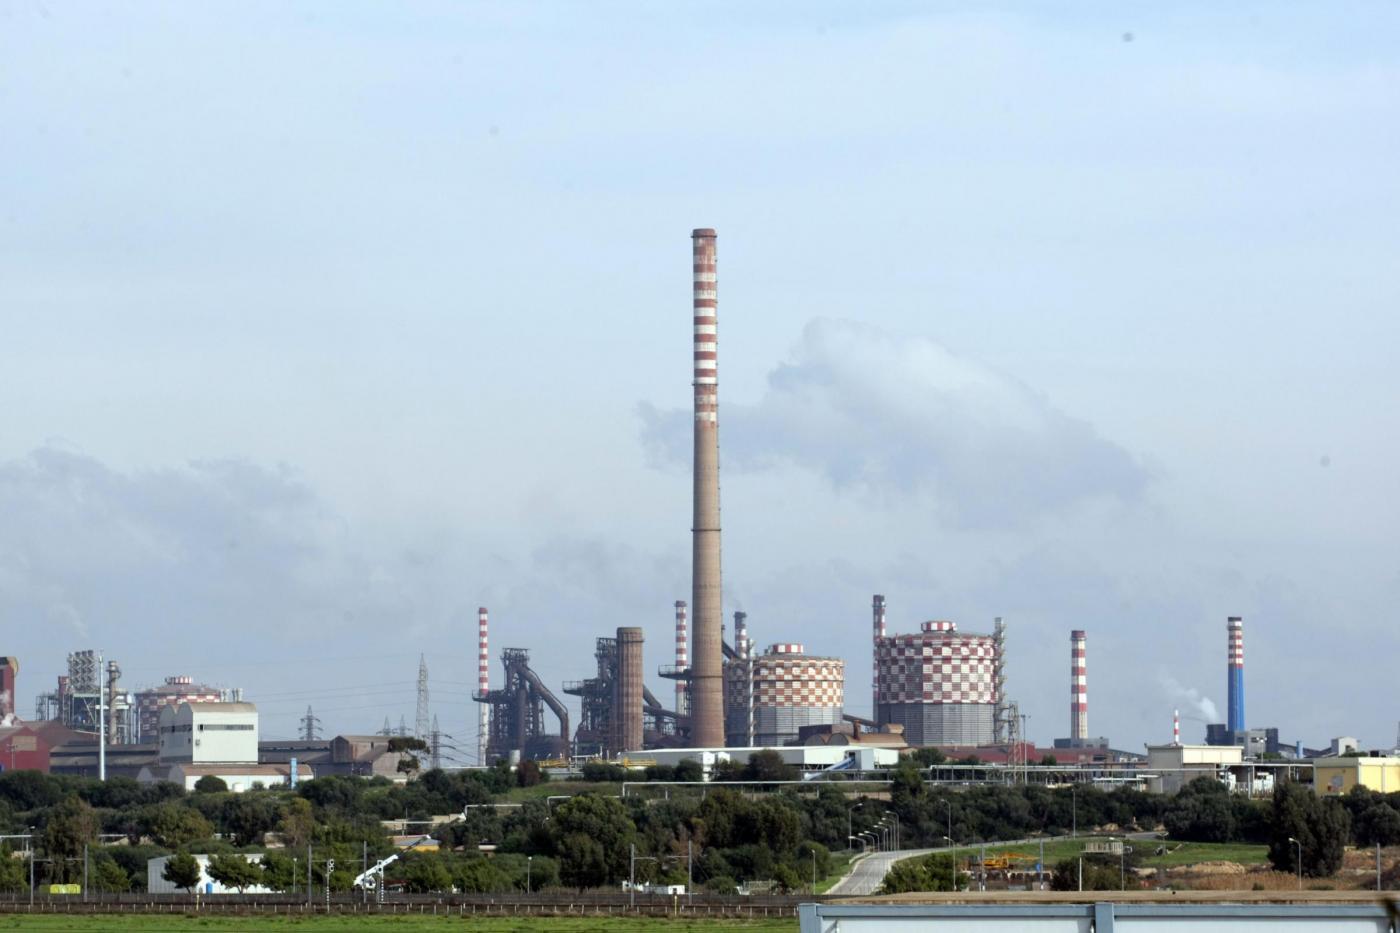 Ilva di Taranto, il Cdm decide: Bondi commissario straordinario e svincolati gli 8 miliardi sequestrati